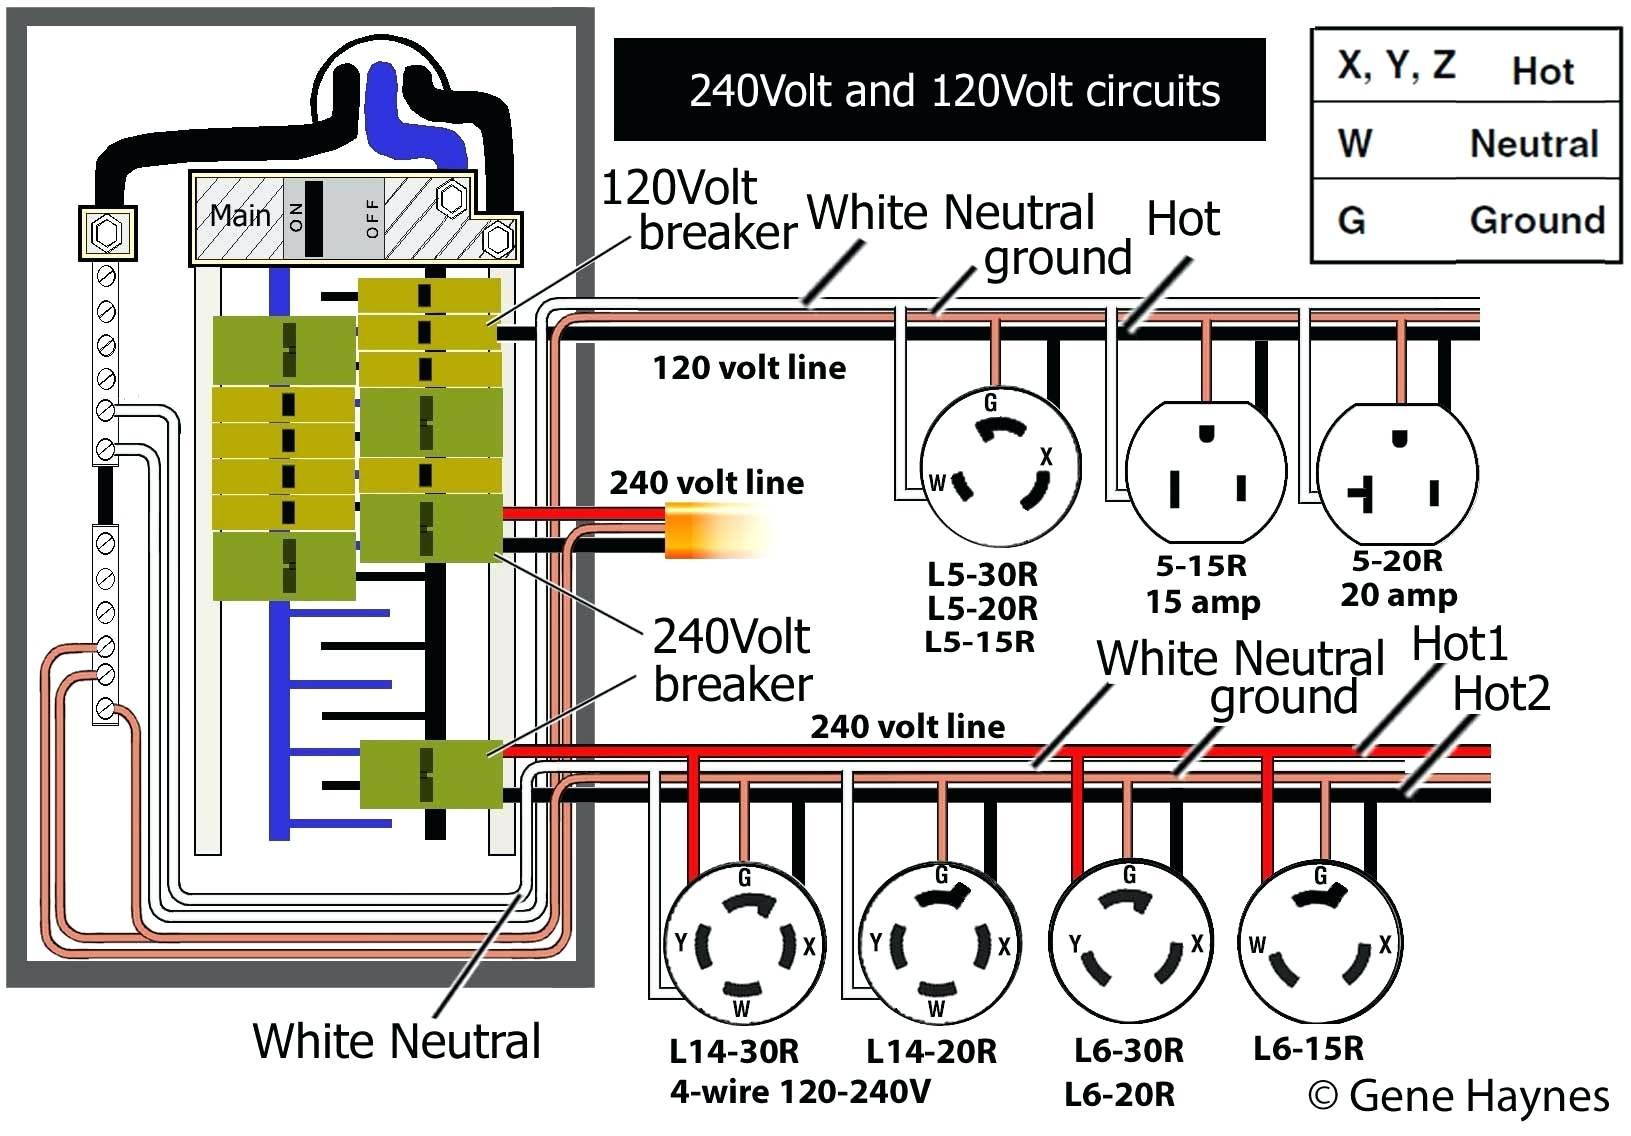 Nema L14 30 Wiring Diagram | Manual E-Books - L14-30R Wiring Diagram